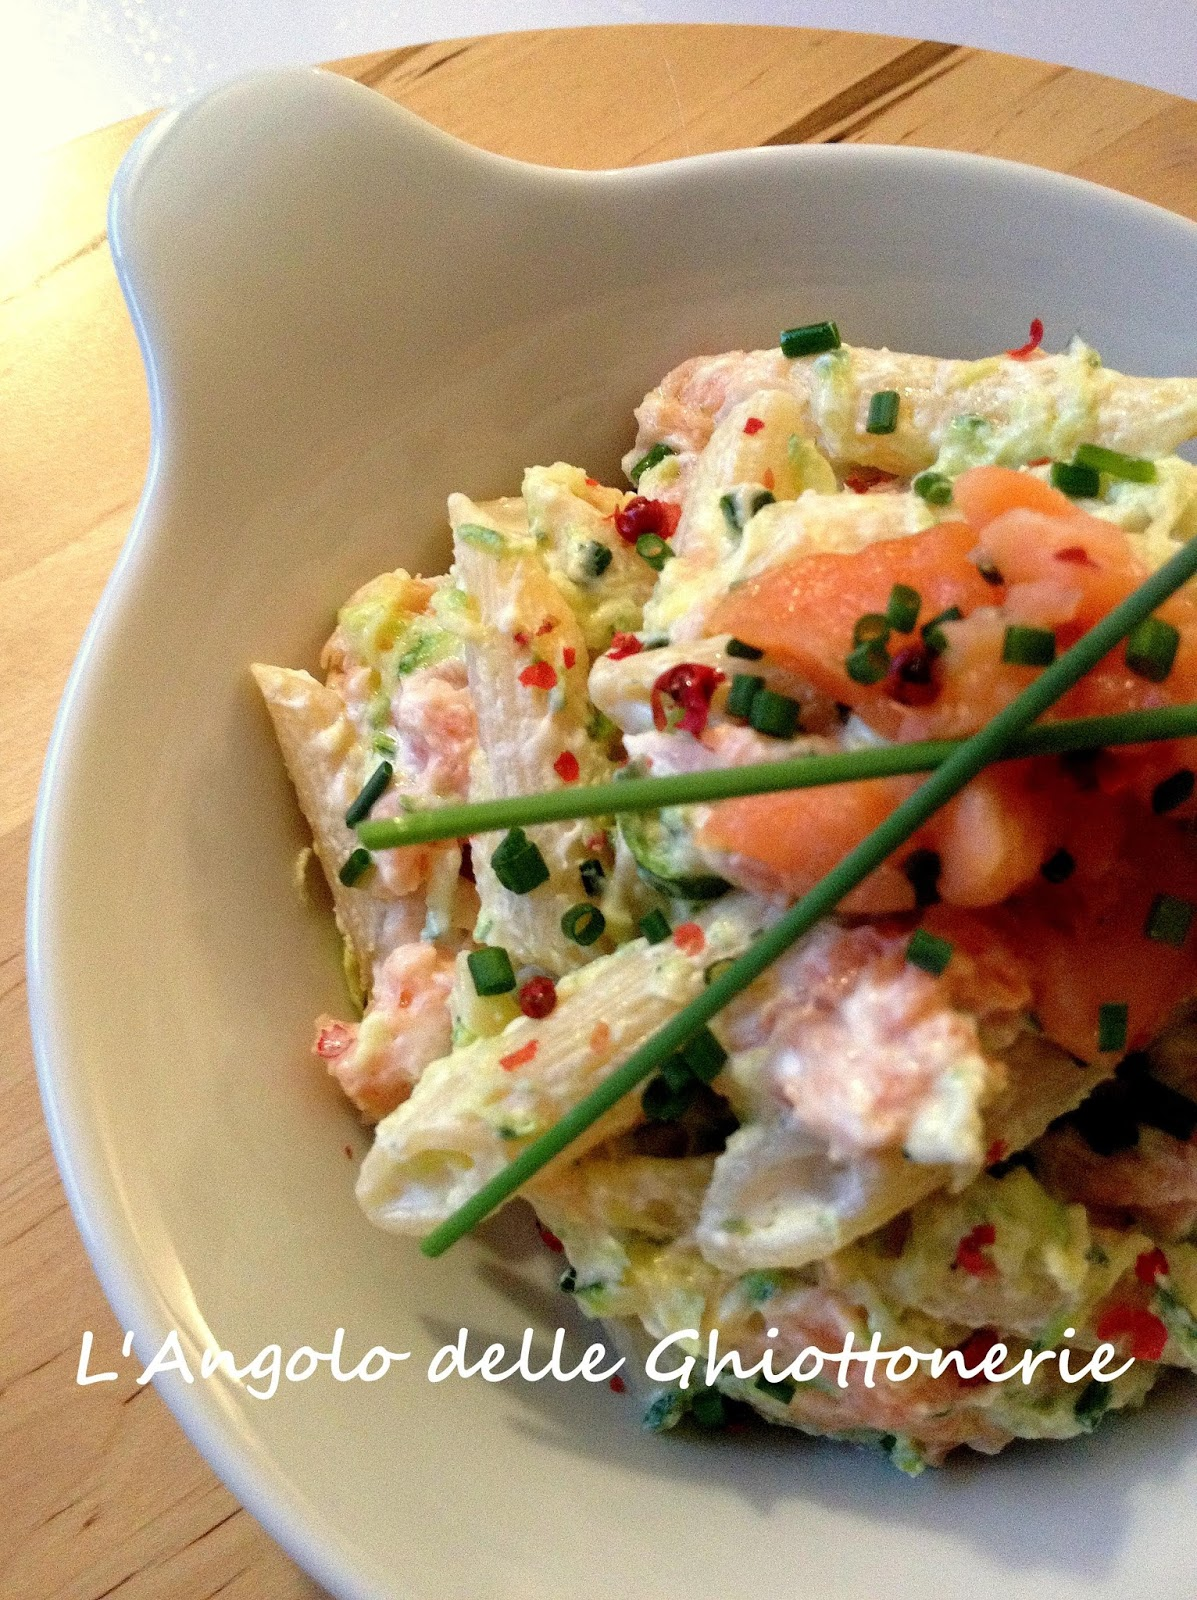 Amato L'Angolo delle Ghiottonerie: Insalata di pasta con yogurt greco  TS36